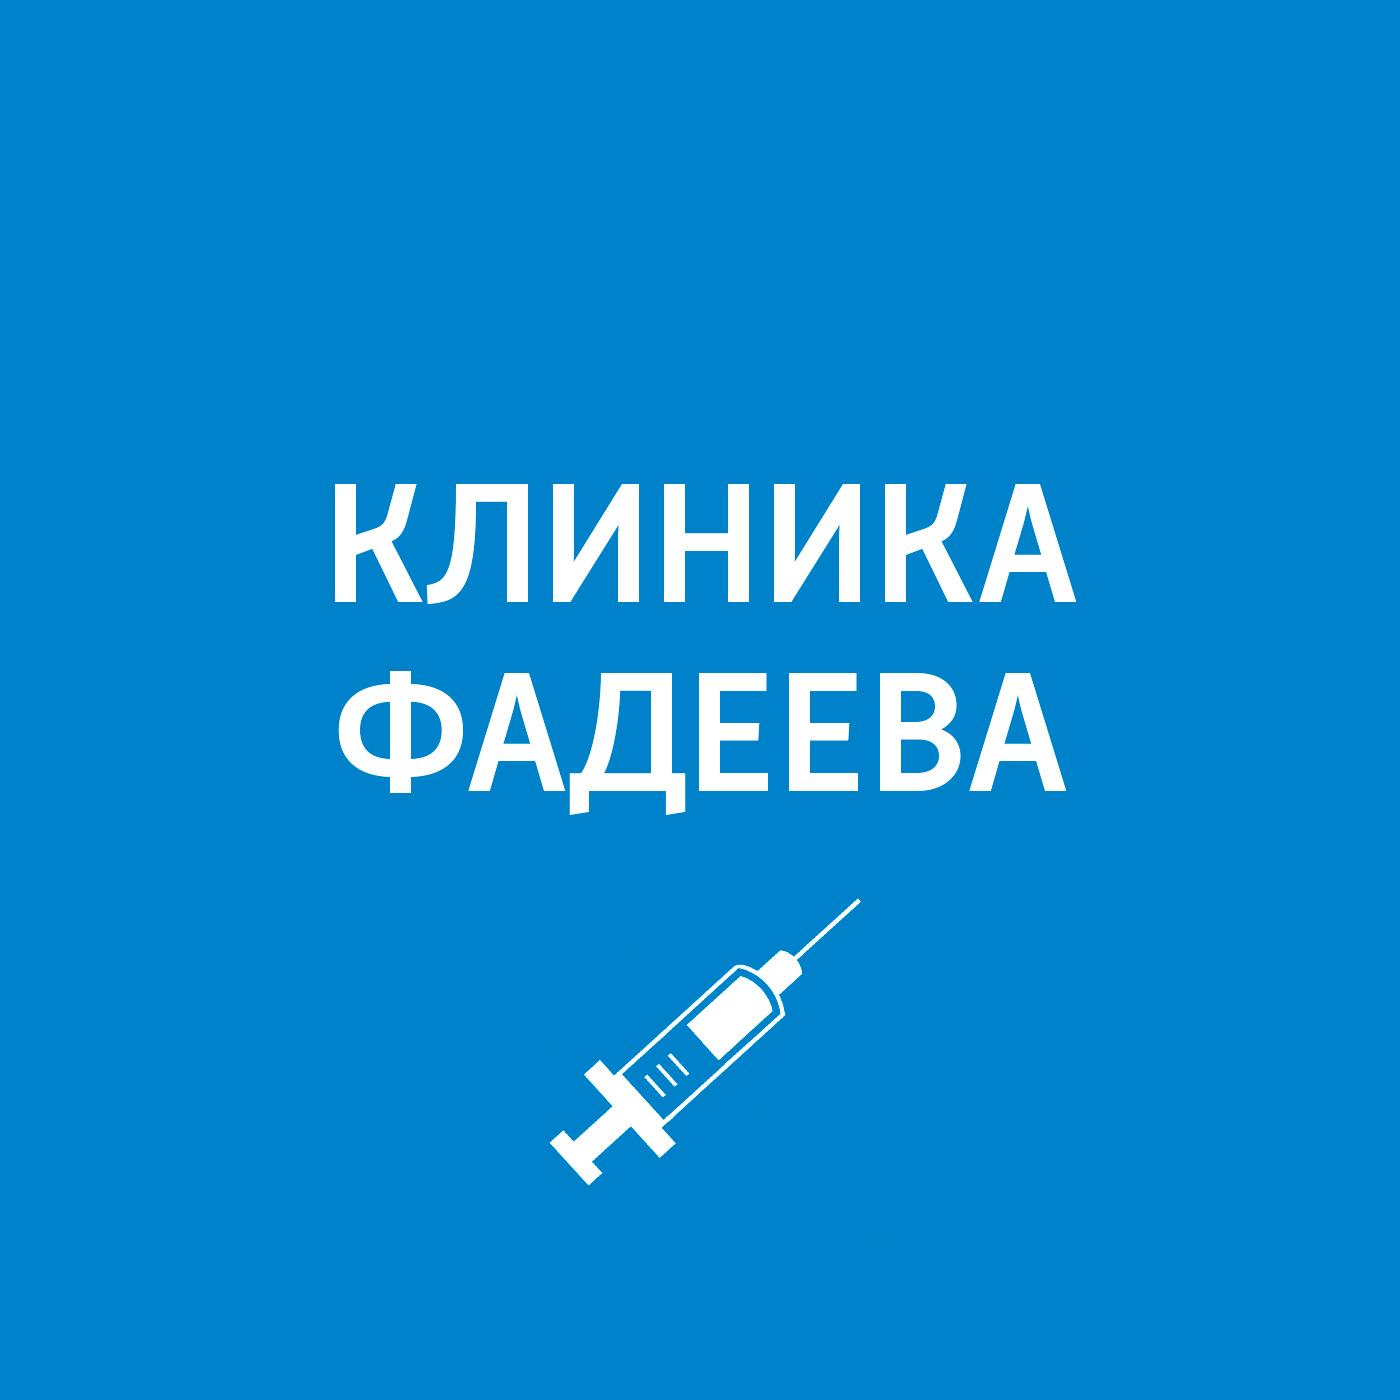 Пётр Фадеев Прием ведет врач-остеопат пётр фадеев кинезиолог остеопат